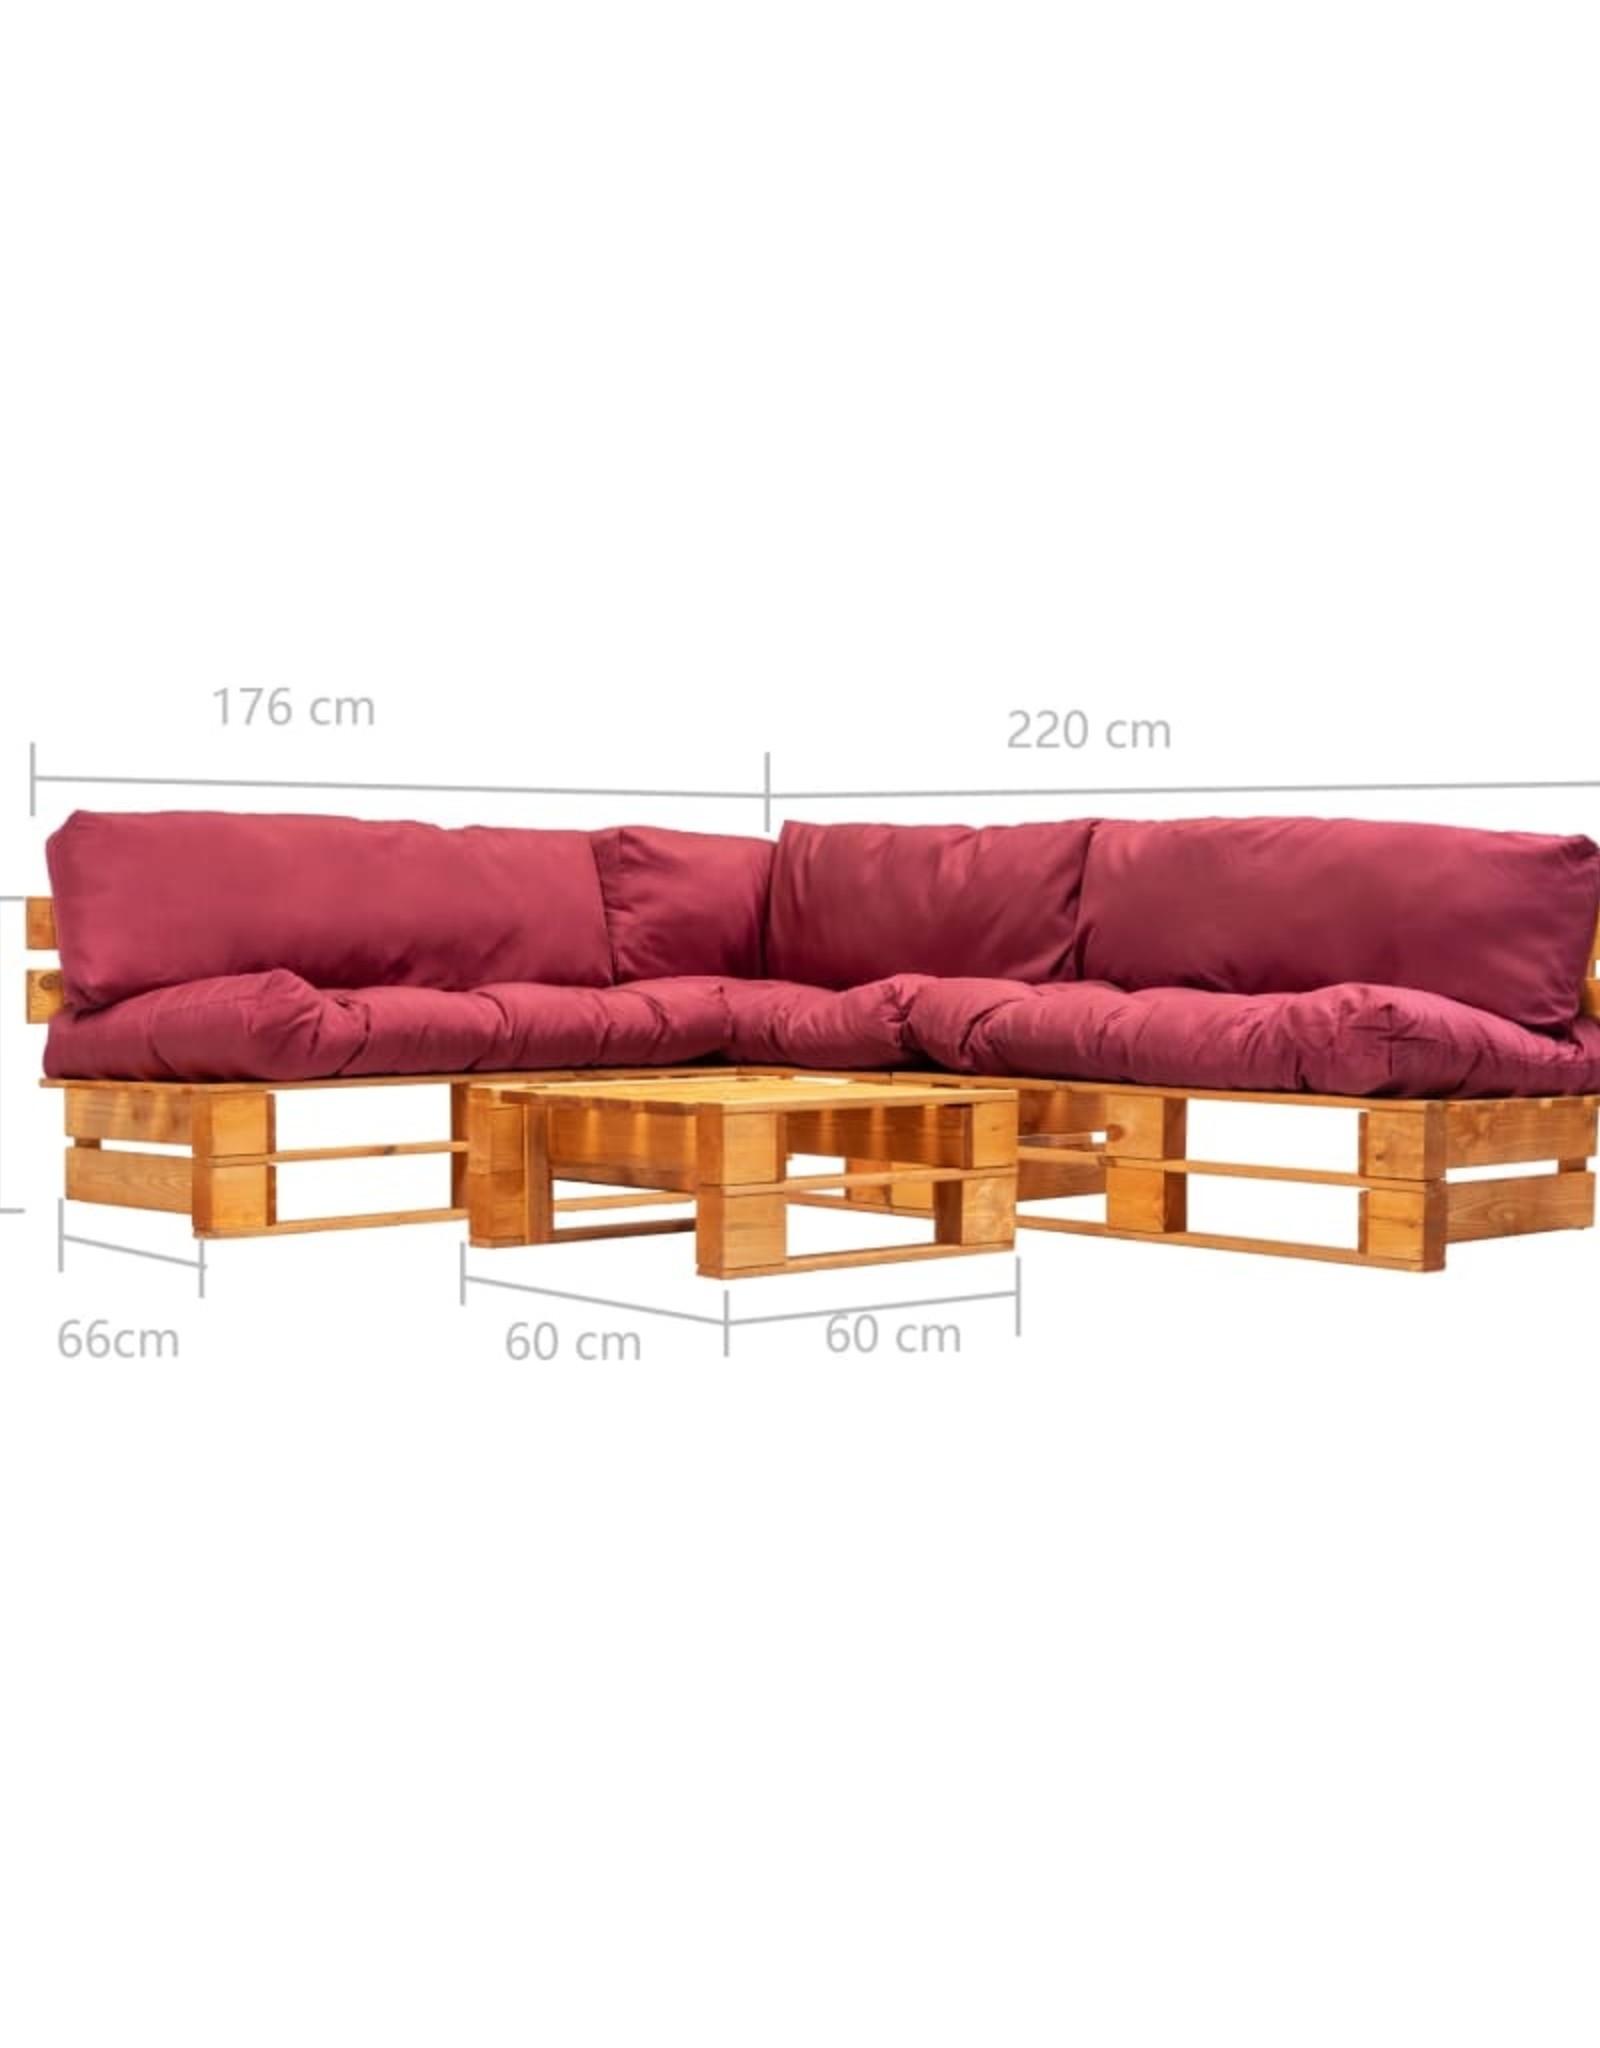 vidaXL 4-delige Loungeset pallets met rode kussens hout